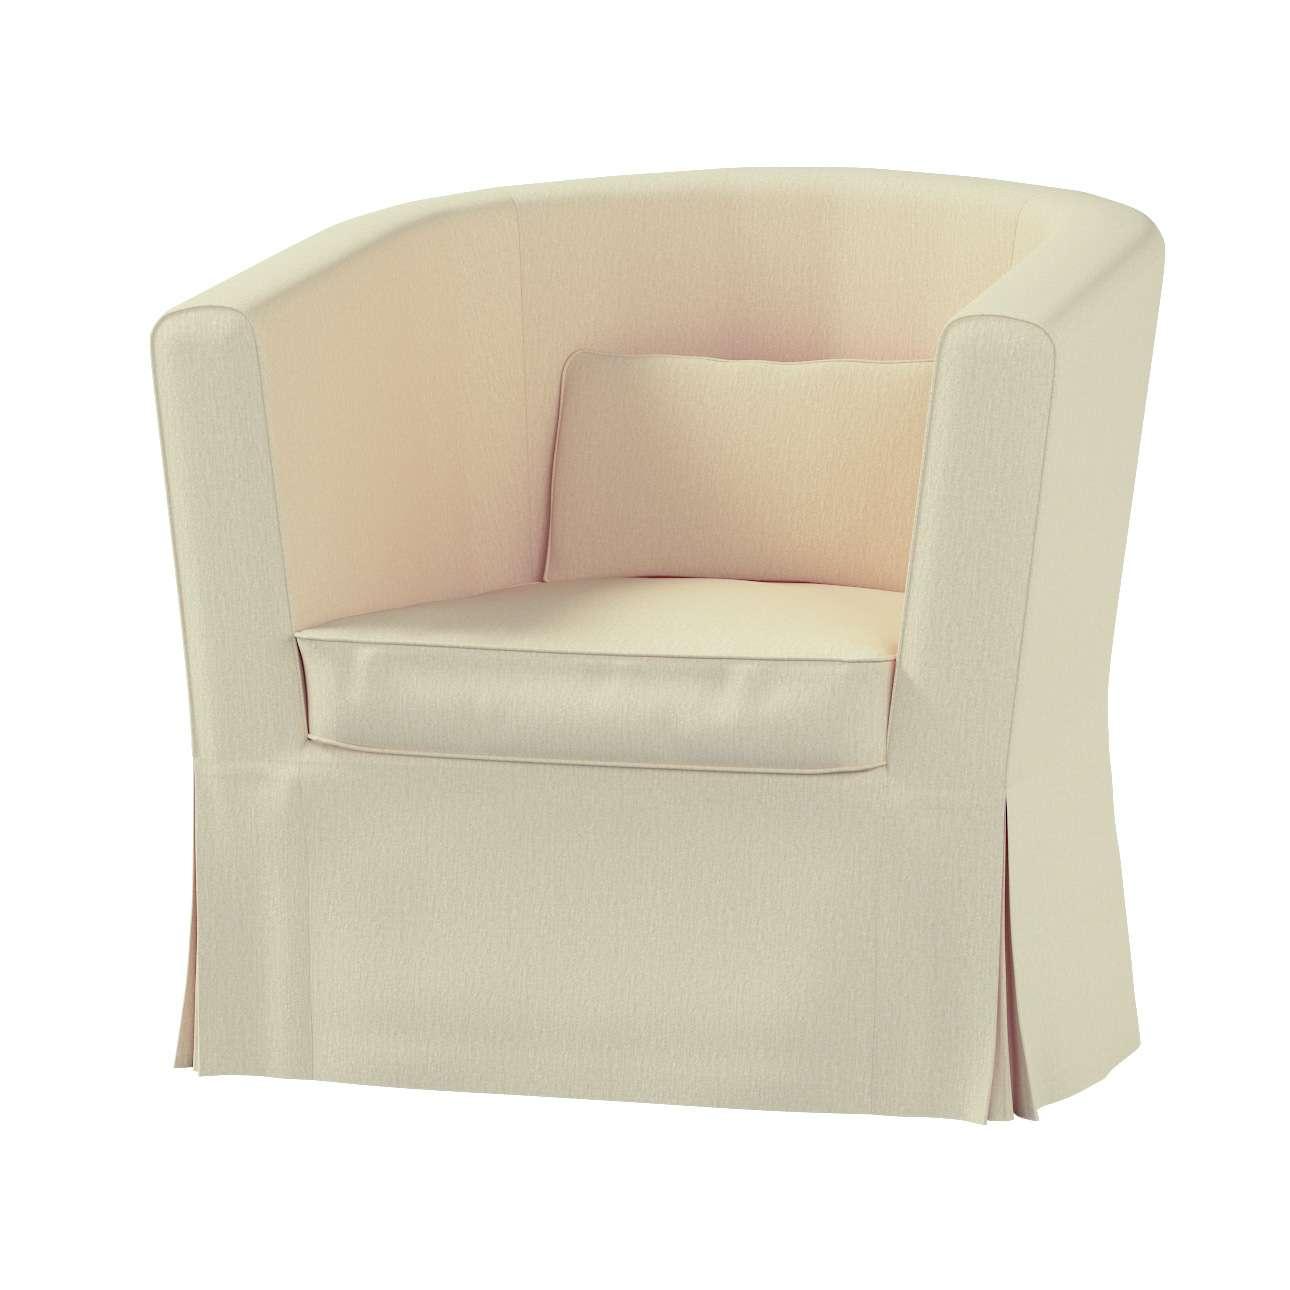 EKTORP TULLSTA fotelio užvalkalas Ektorp Tullsta fotelio užvalkalas kolekcijoje Chenille, audinys: 702-22